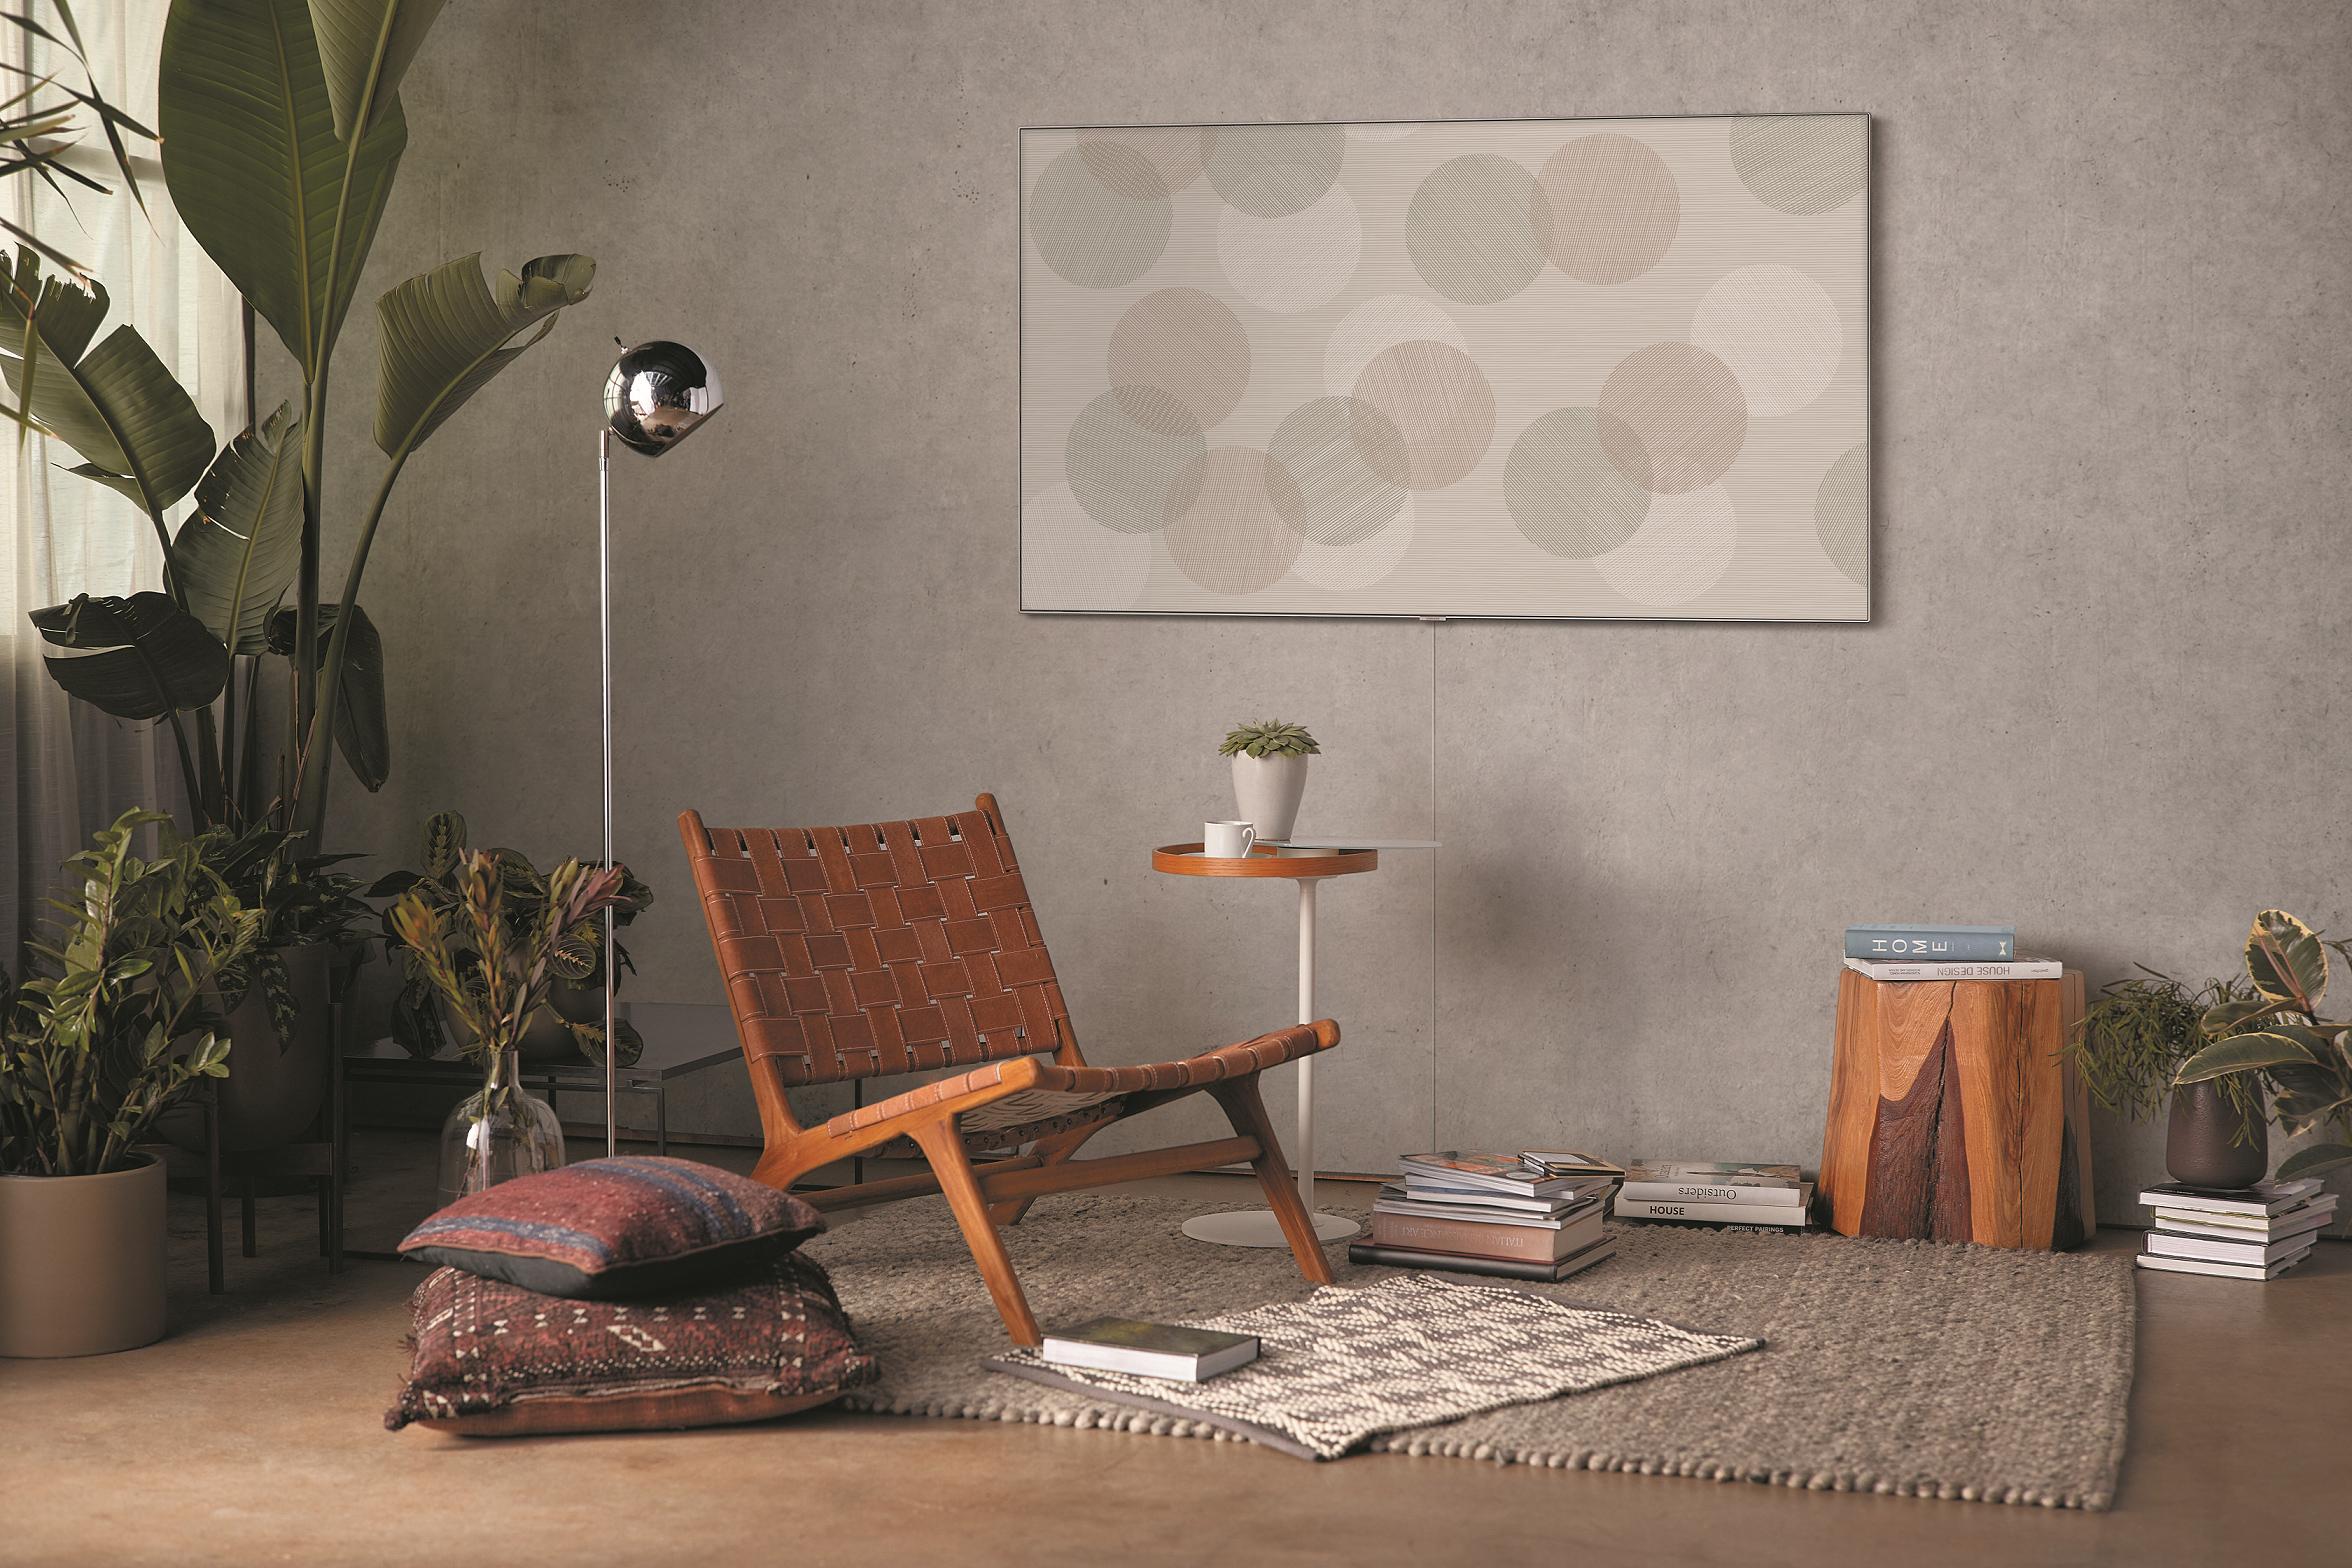 Гостиная как художественная галерея: Samsung представляет обновленный режим Ambient на QLED-телевизорах